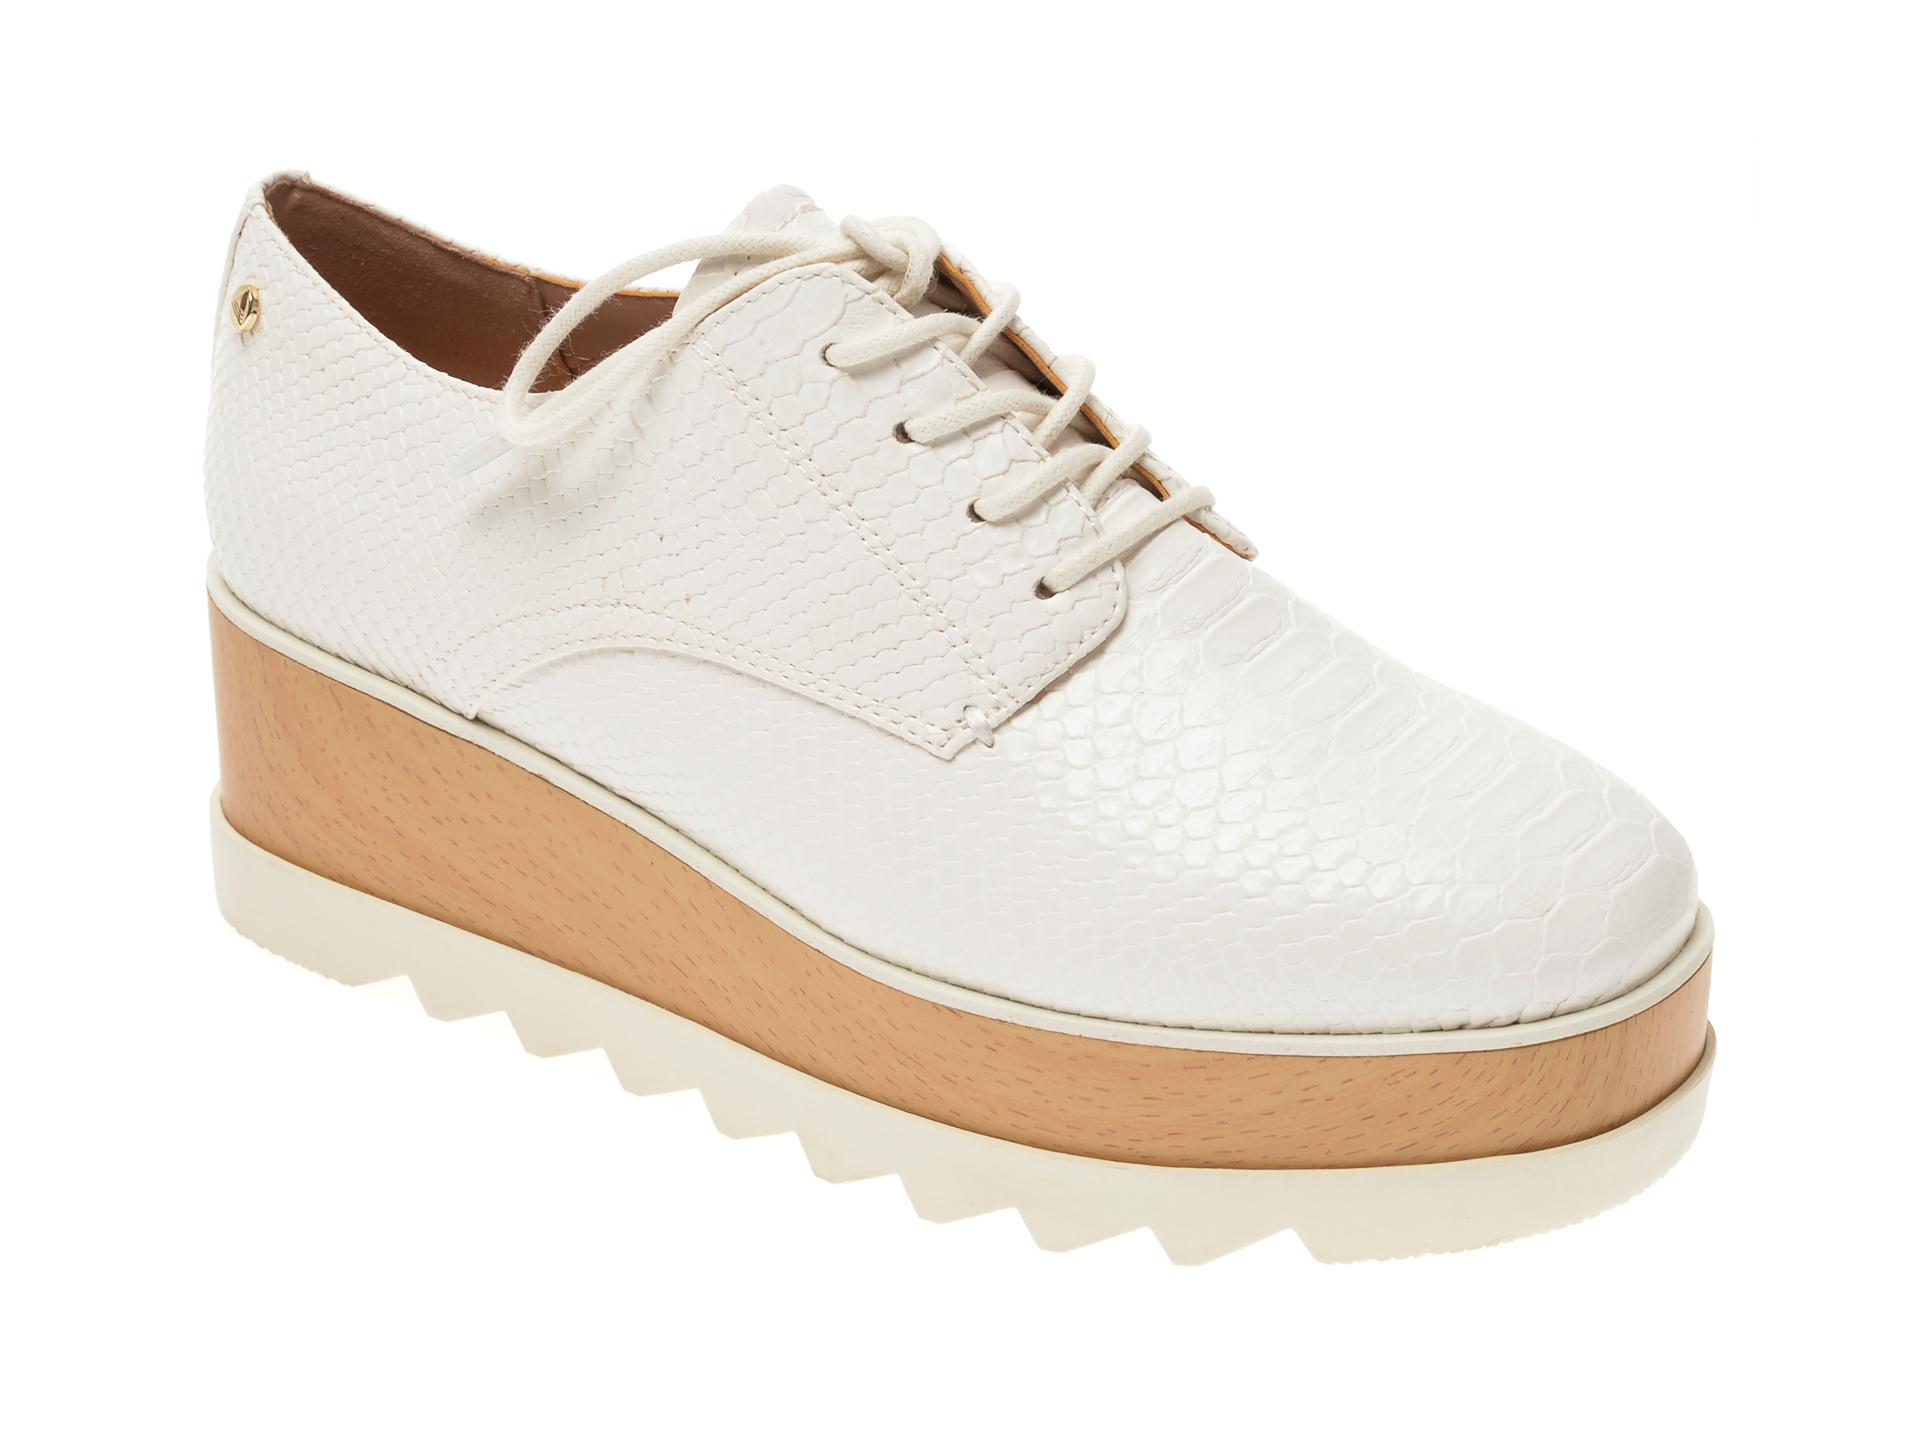 Pantofi Aldo Albi, Lollita100, Din Piele Ecologica